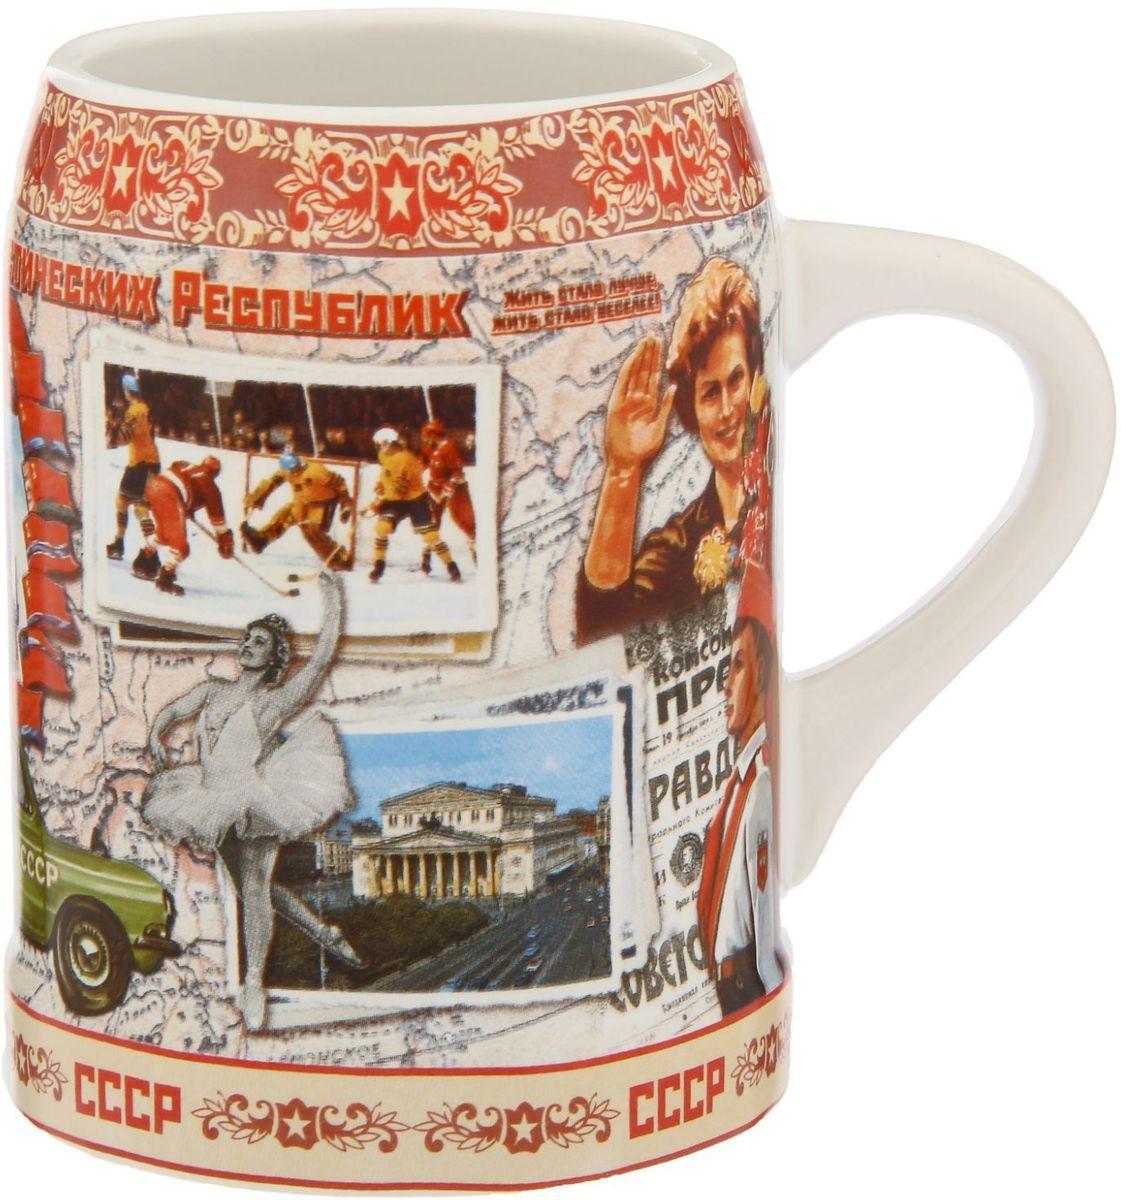 Кружка пивная Sima-land СССР, 500 мл1090574Пейте пиво пенное!Сегодня кружка — это не просто предмет посуды. Это произведение искусства в разных его проявлениях и для разных целей. Например, любители пива знают наверняка, что хмельной напиток становится ещё вкусней, если пить его из любимого бокала.Пивная кружка Sima-land СССР сделает посиделки с друзьями ещё душевнее и веселее. Она непременно понравится людям с хорошим чувством юмора. Изделие покрыто ярким авторским рисунком, что делает его по-настоящему уникальным. Удобная форма бокала, чуть суженная у края, оставит игривые пенные пузырьки внутри, сохранив вместе с ними аромат любимого напитка.Прекрасно подойдёт в качестве подарка друзьям или приятного дополнения к застолью в хорошей компании.Упакована в картонную подарочную коробочку с прозрачным окном.